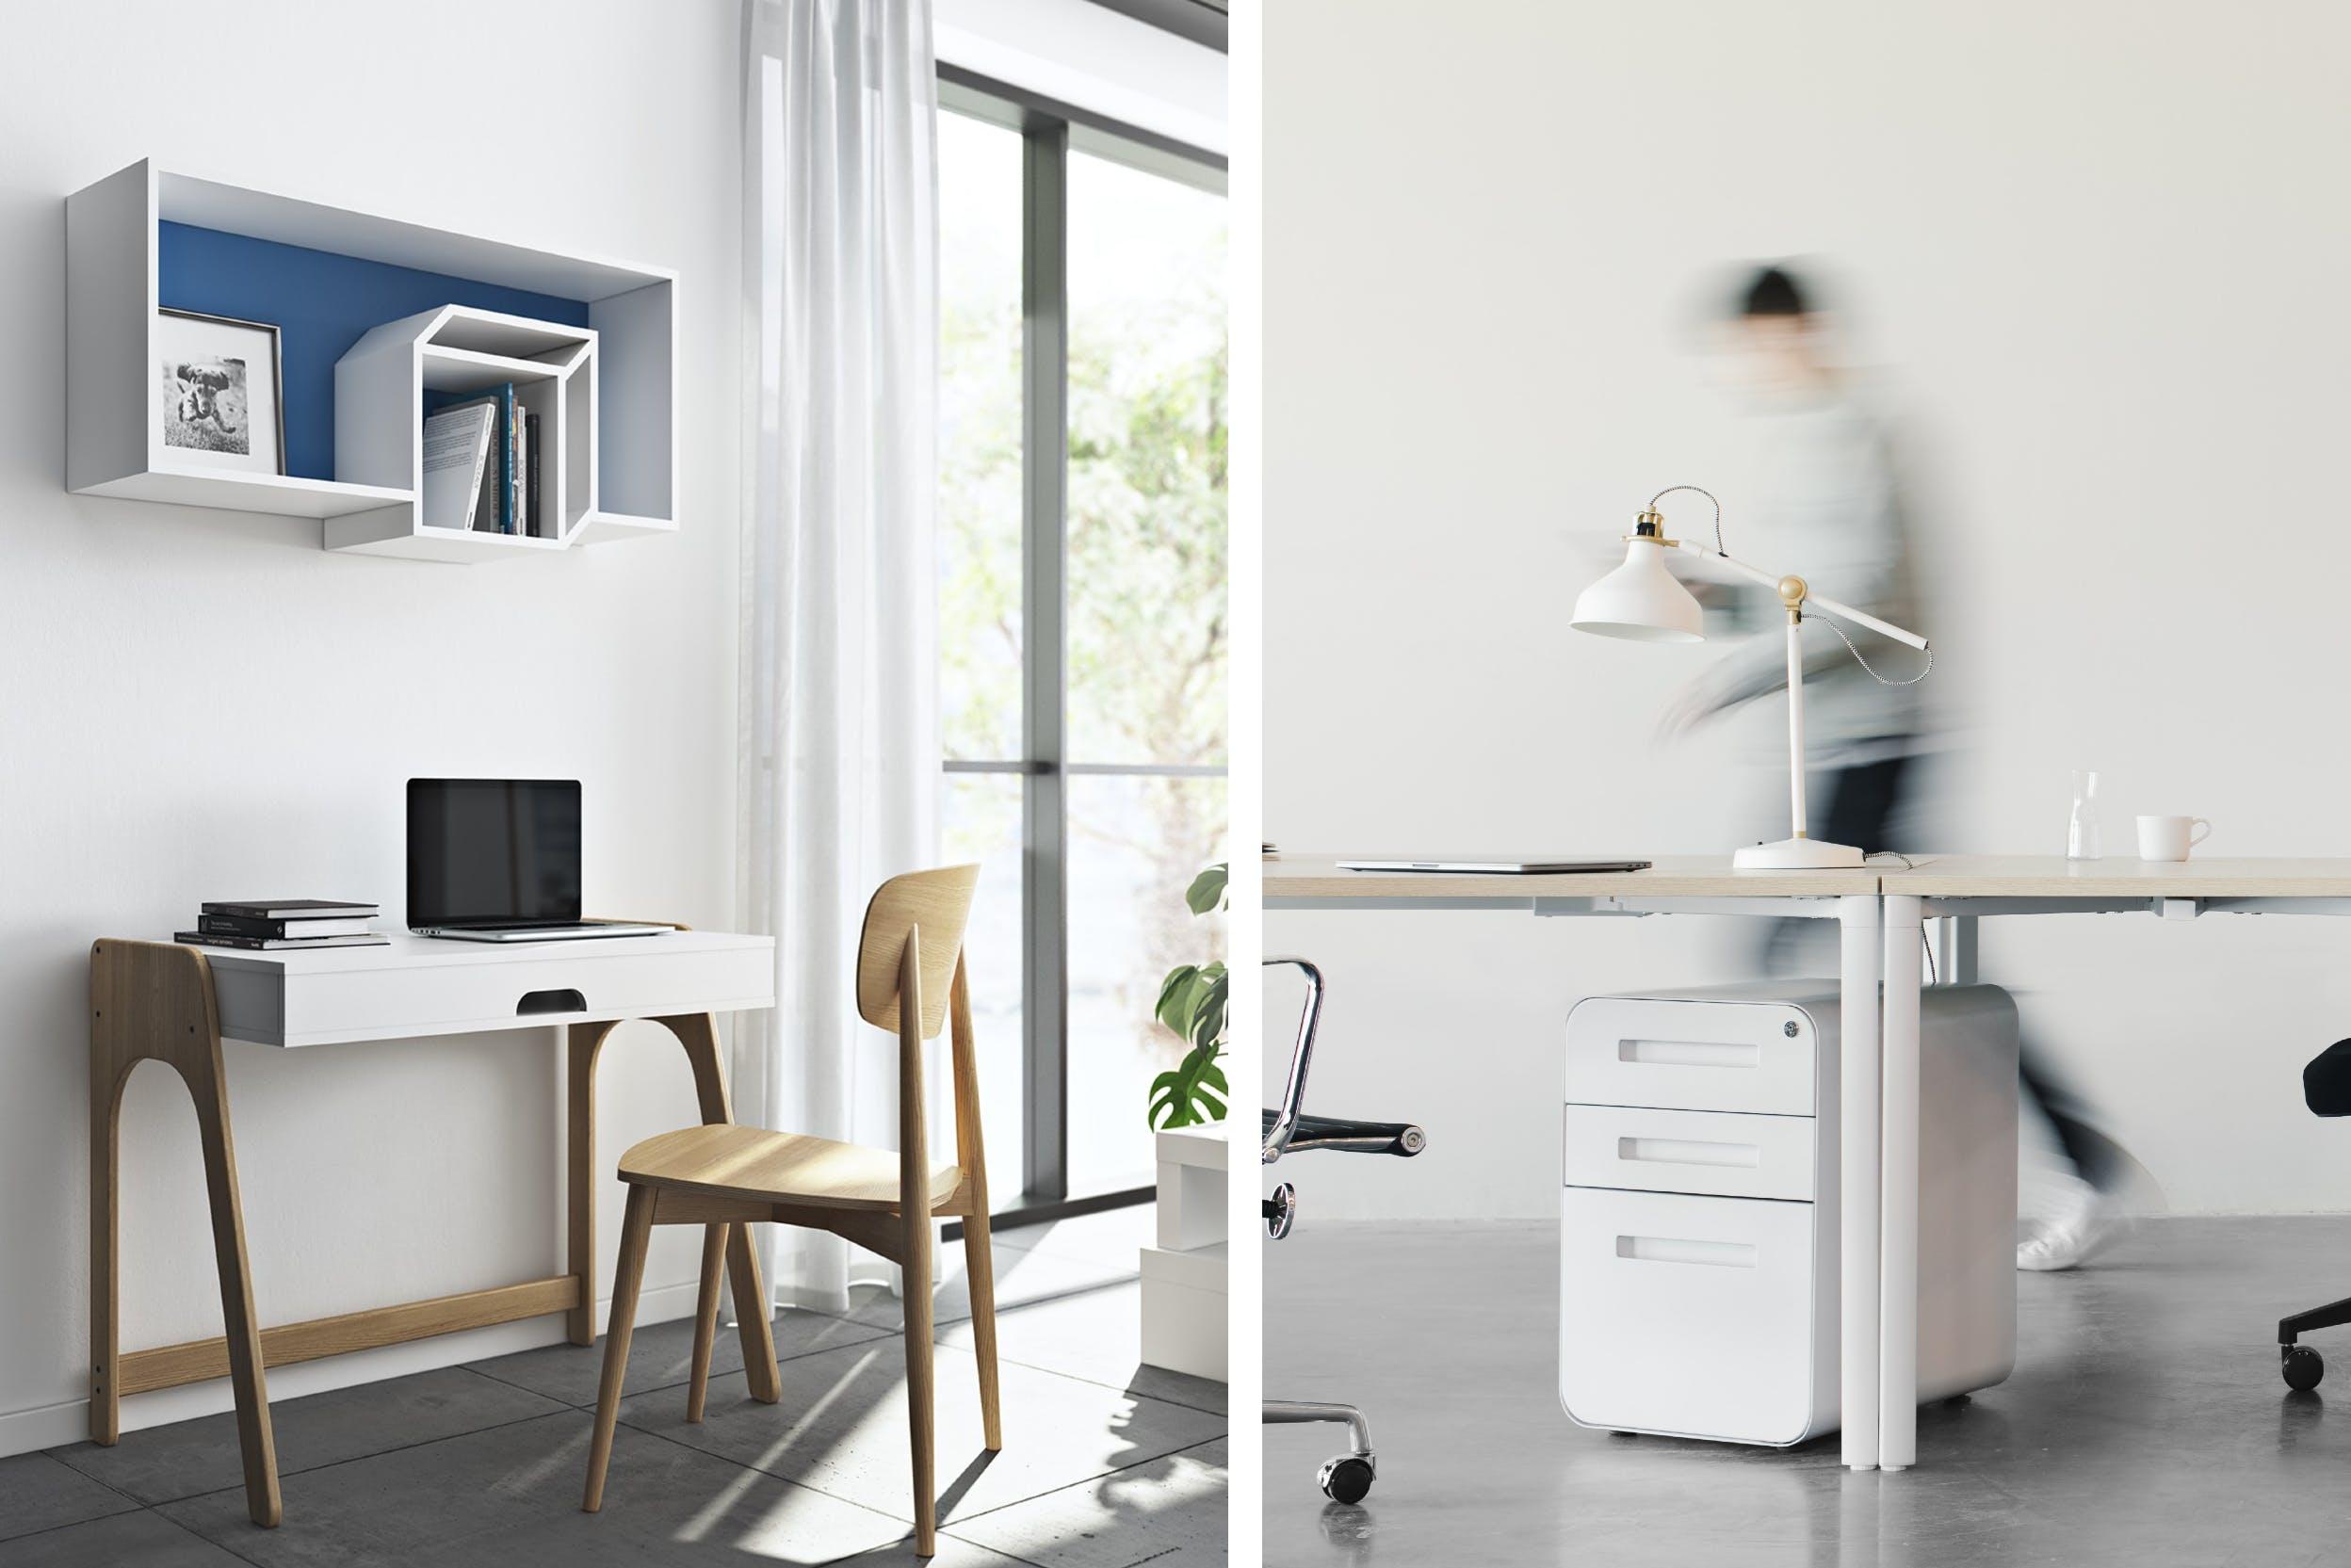 Arbeitsplatz im Home-Office aufgewertet durch hochwertige Materialien